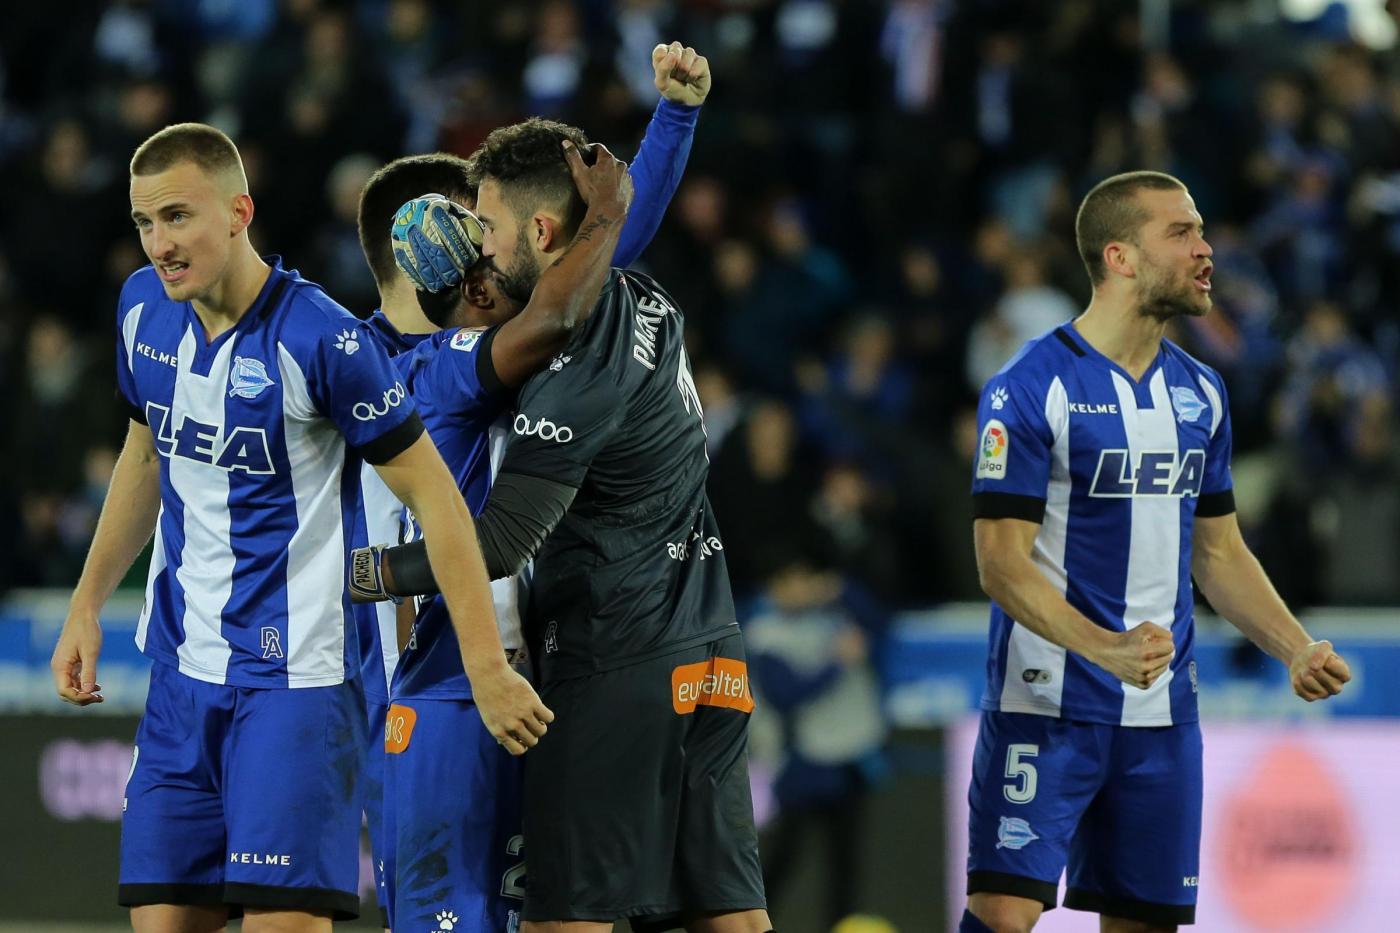 LaLiga, Deportivo Alaves-Getafe giovedì 27 settembre: analisi e pronostico della sesta giornata del campionato spagnolo